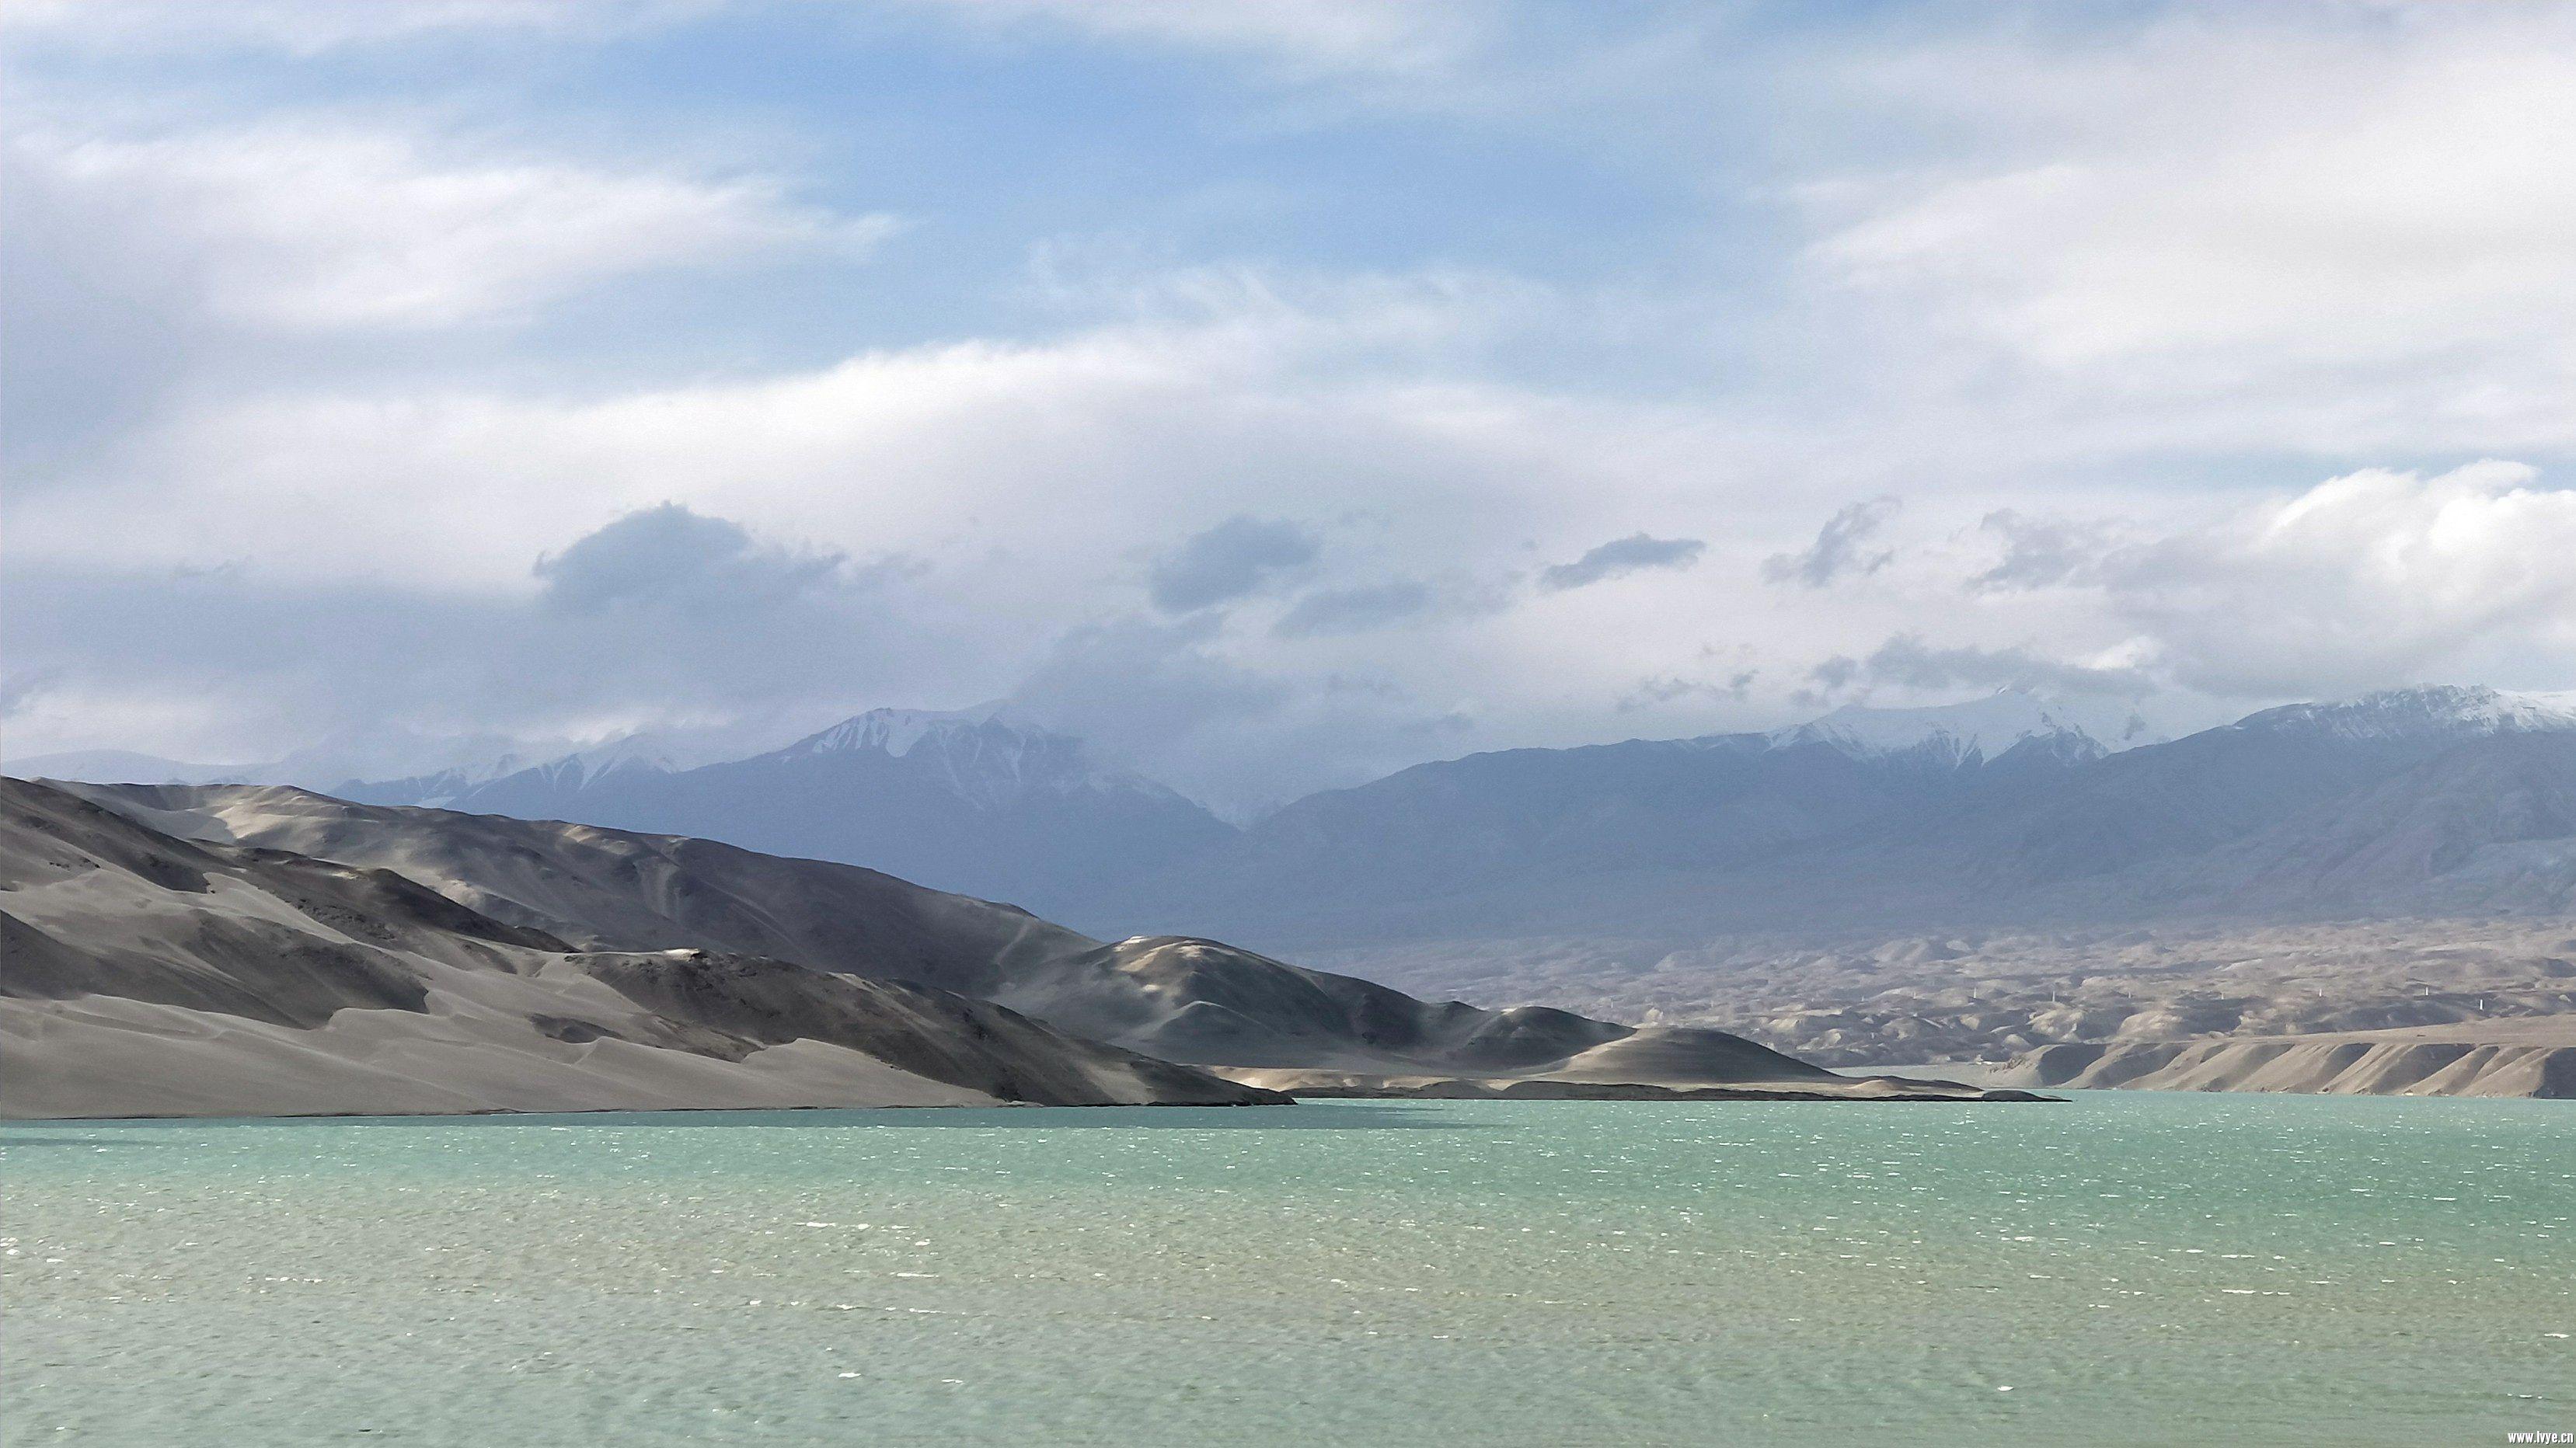 白沙山与白沙湖 (11).jpg